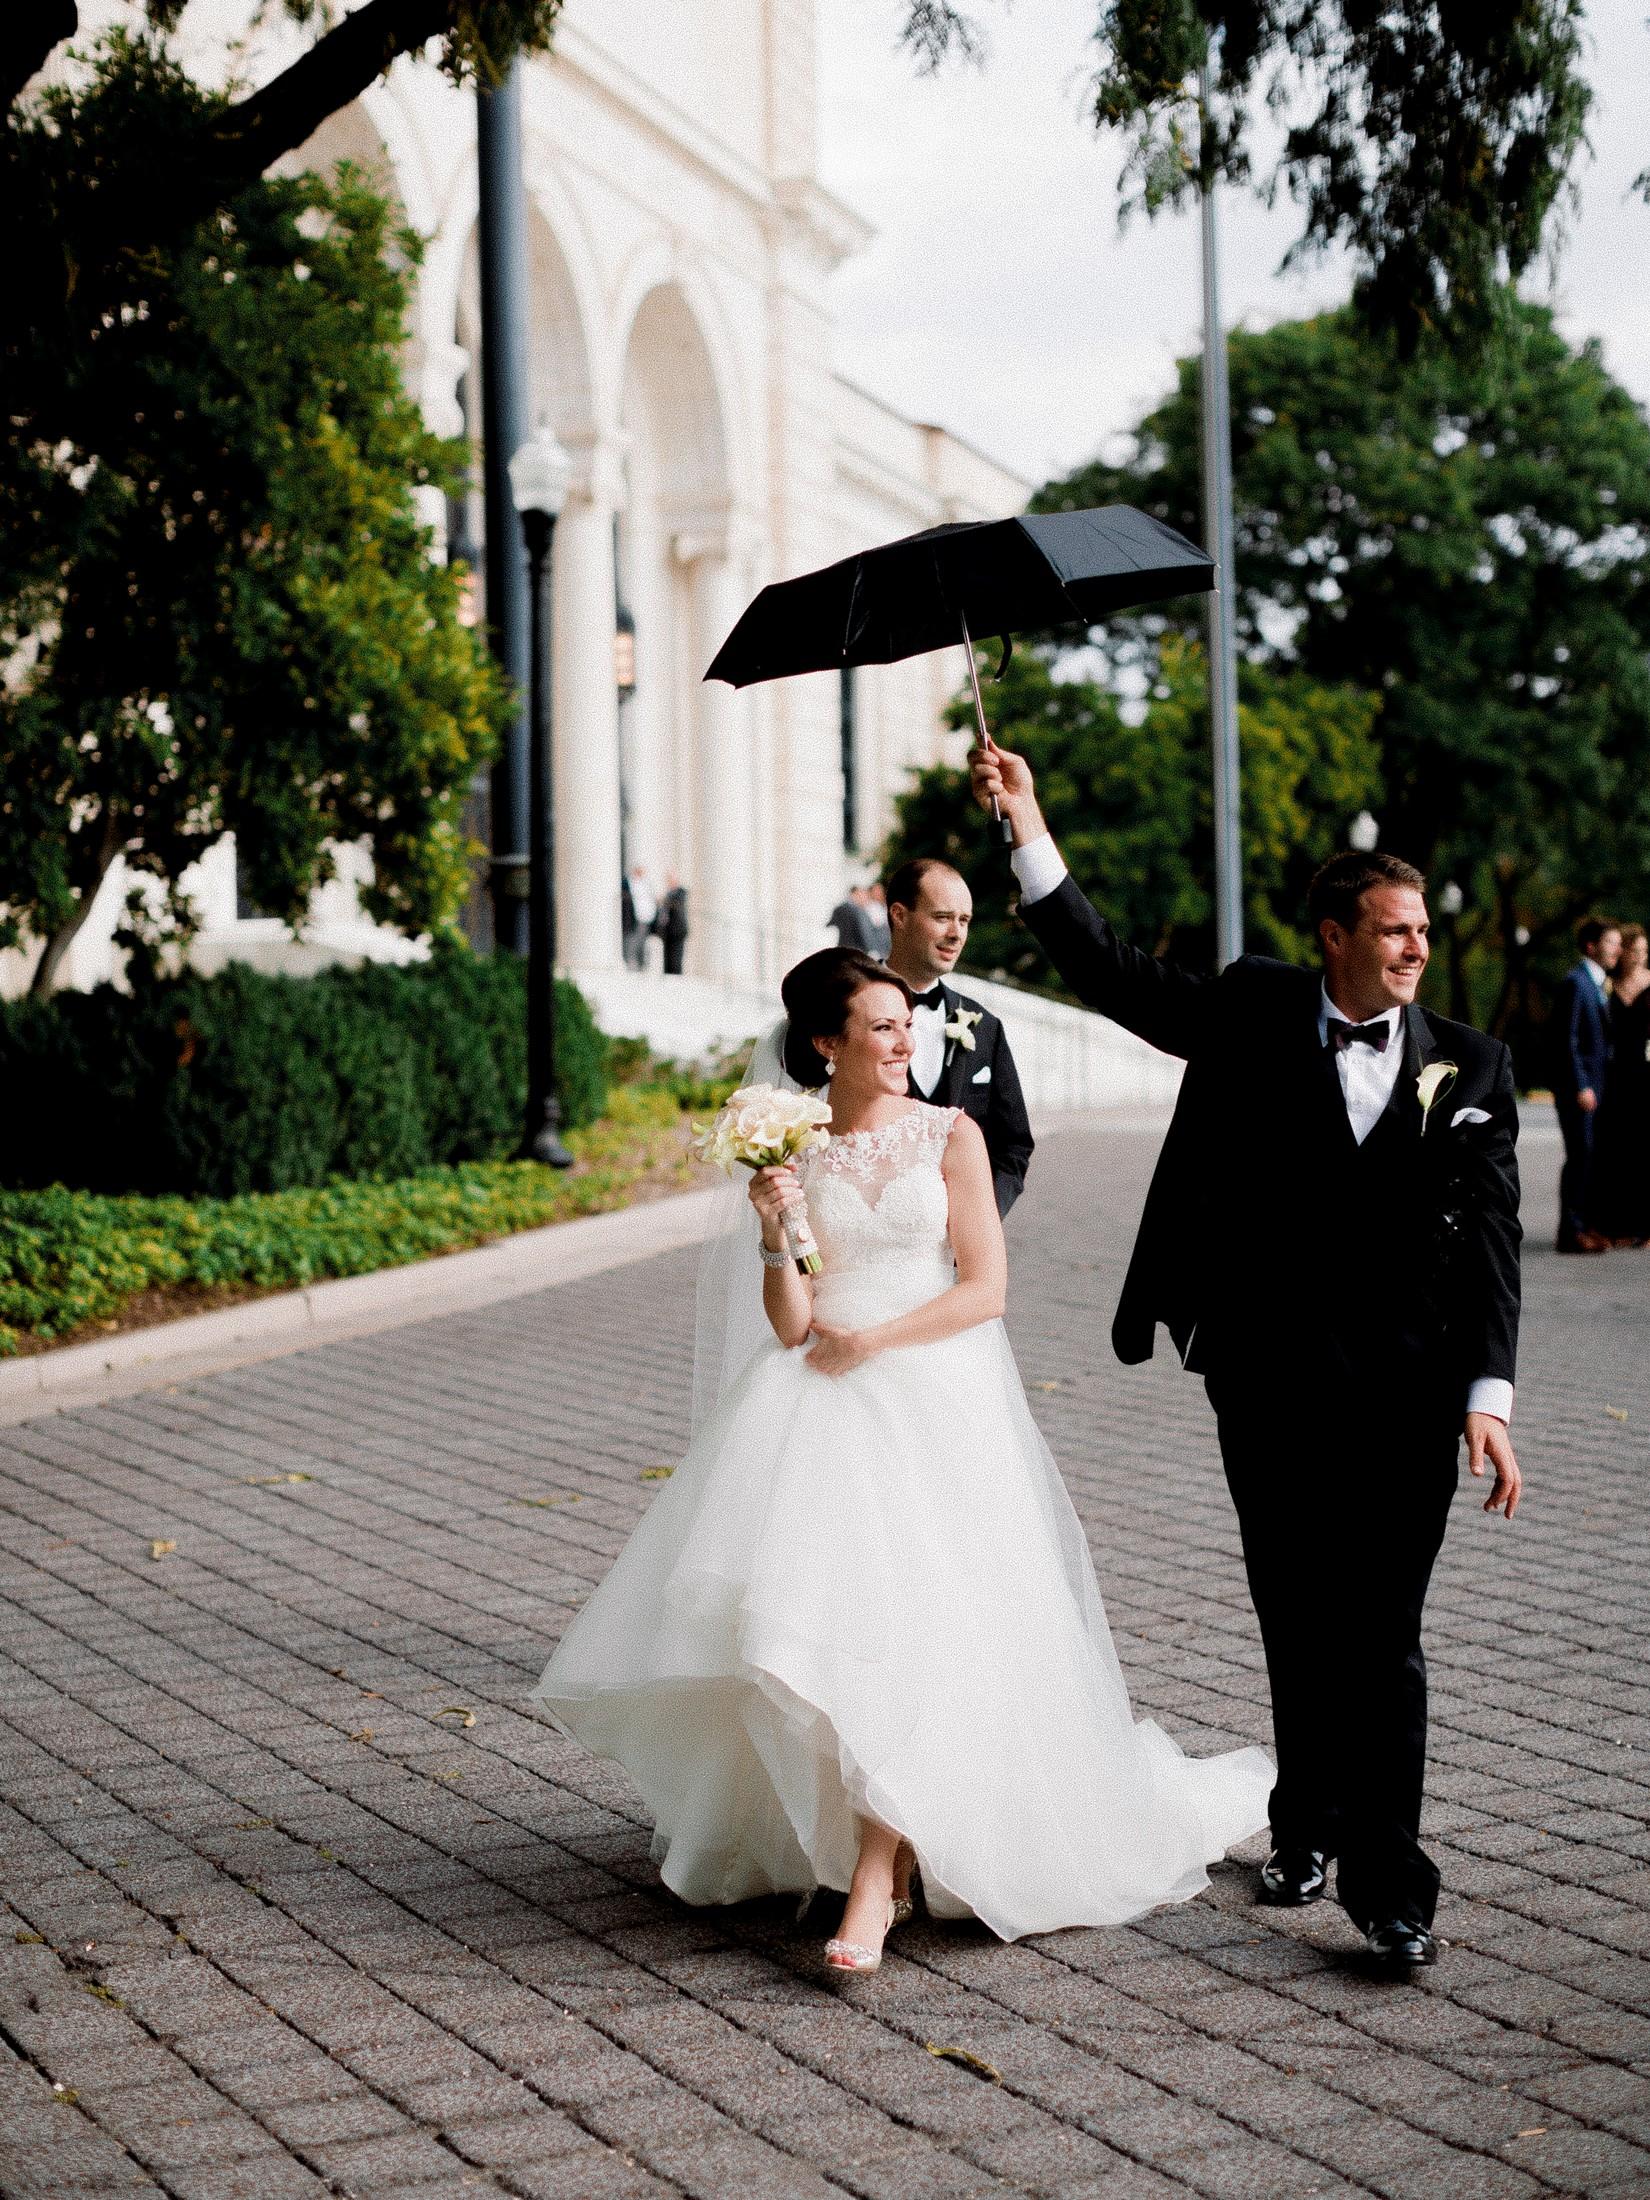 detroit_wedding_blaine_siesser_0041_std.jpg